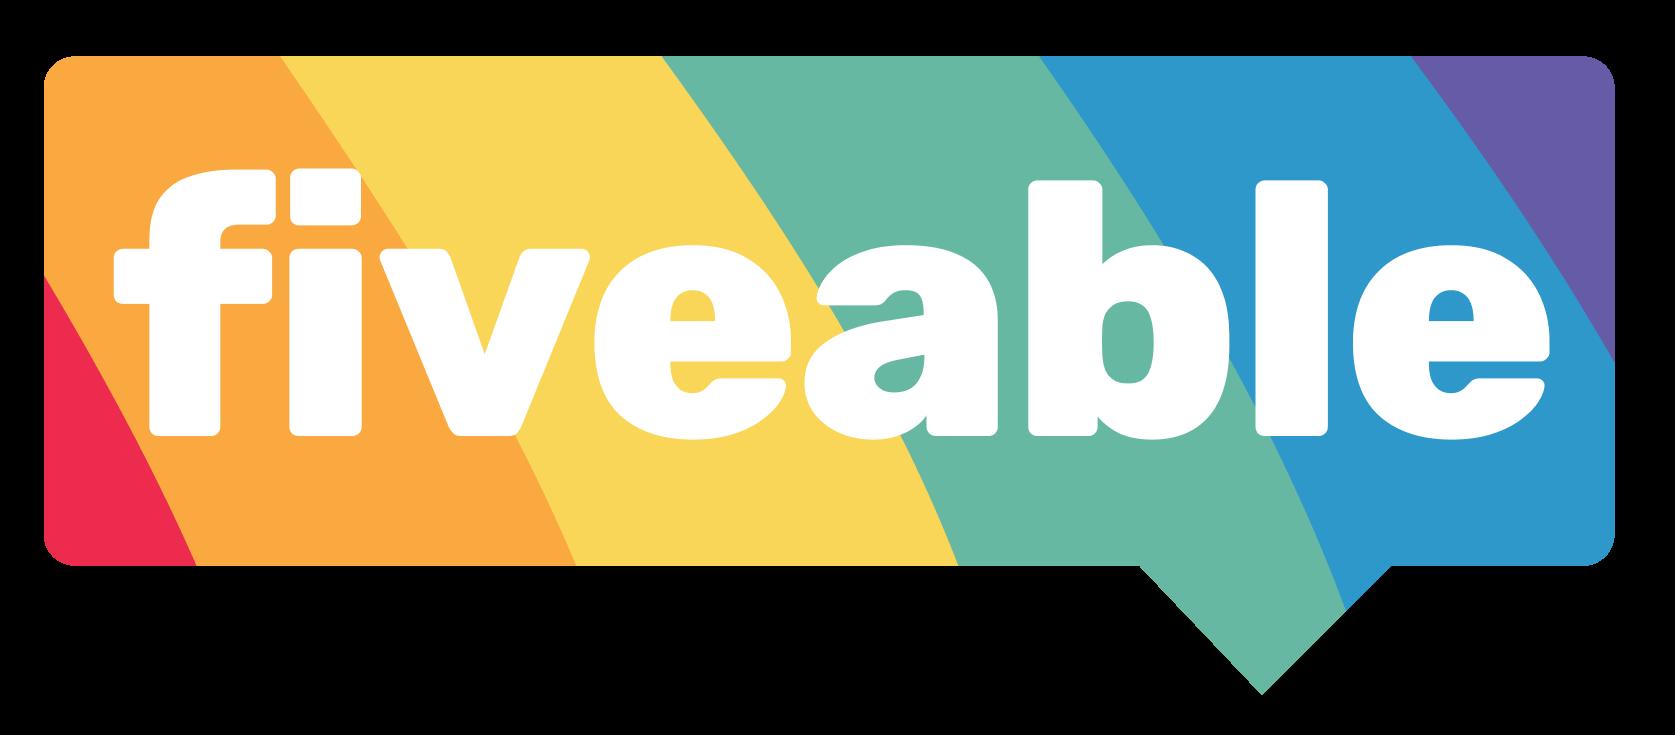 fiveable ap resources logo